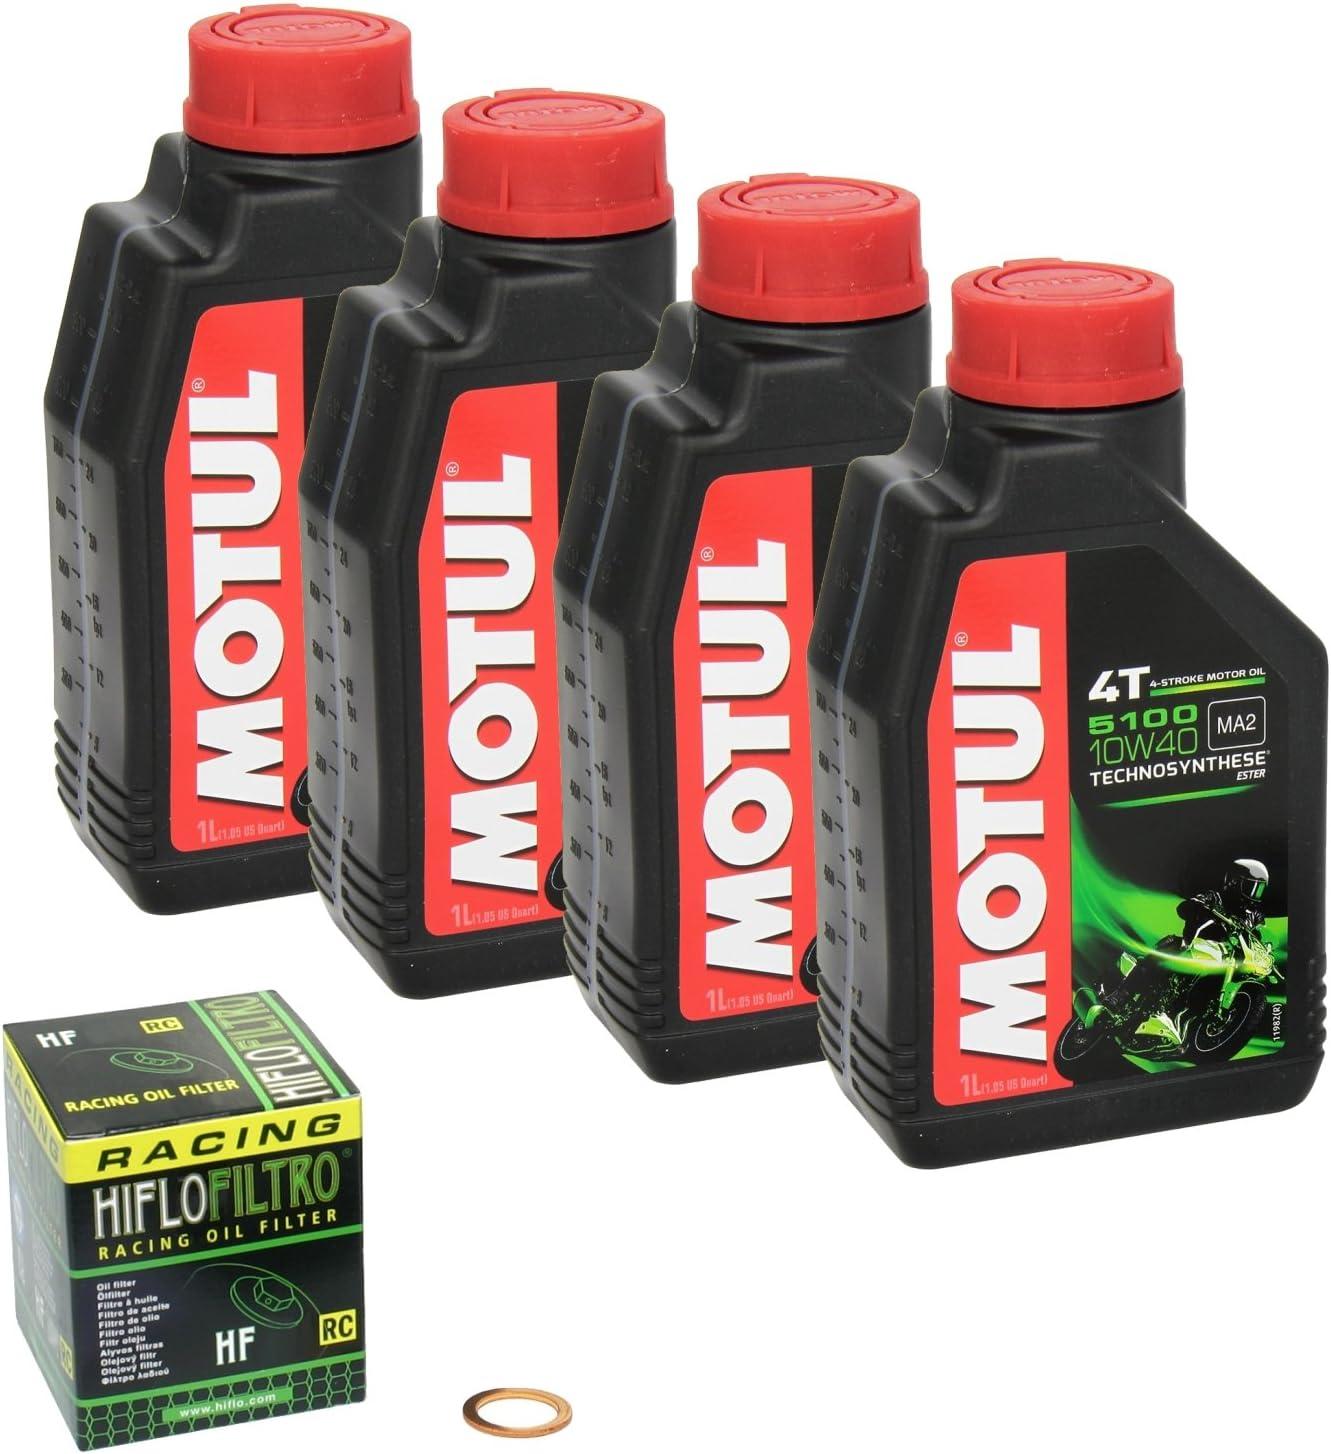 Motul 5100 10w 40 Ölwechsel Set Suzuki Bandit S 1200 Gsf 1200 S Bj 96 06 Motoröl Hiflo Racing Ölfilter Und Dichtring Auto